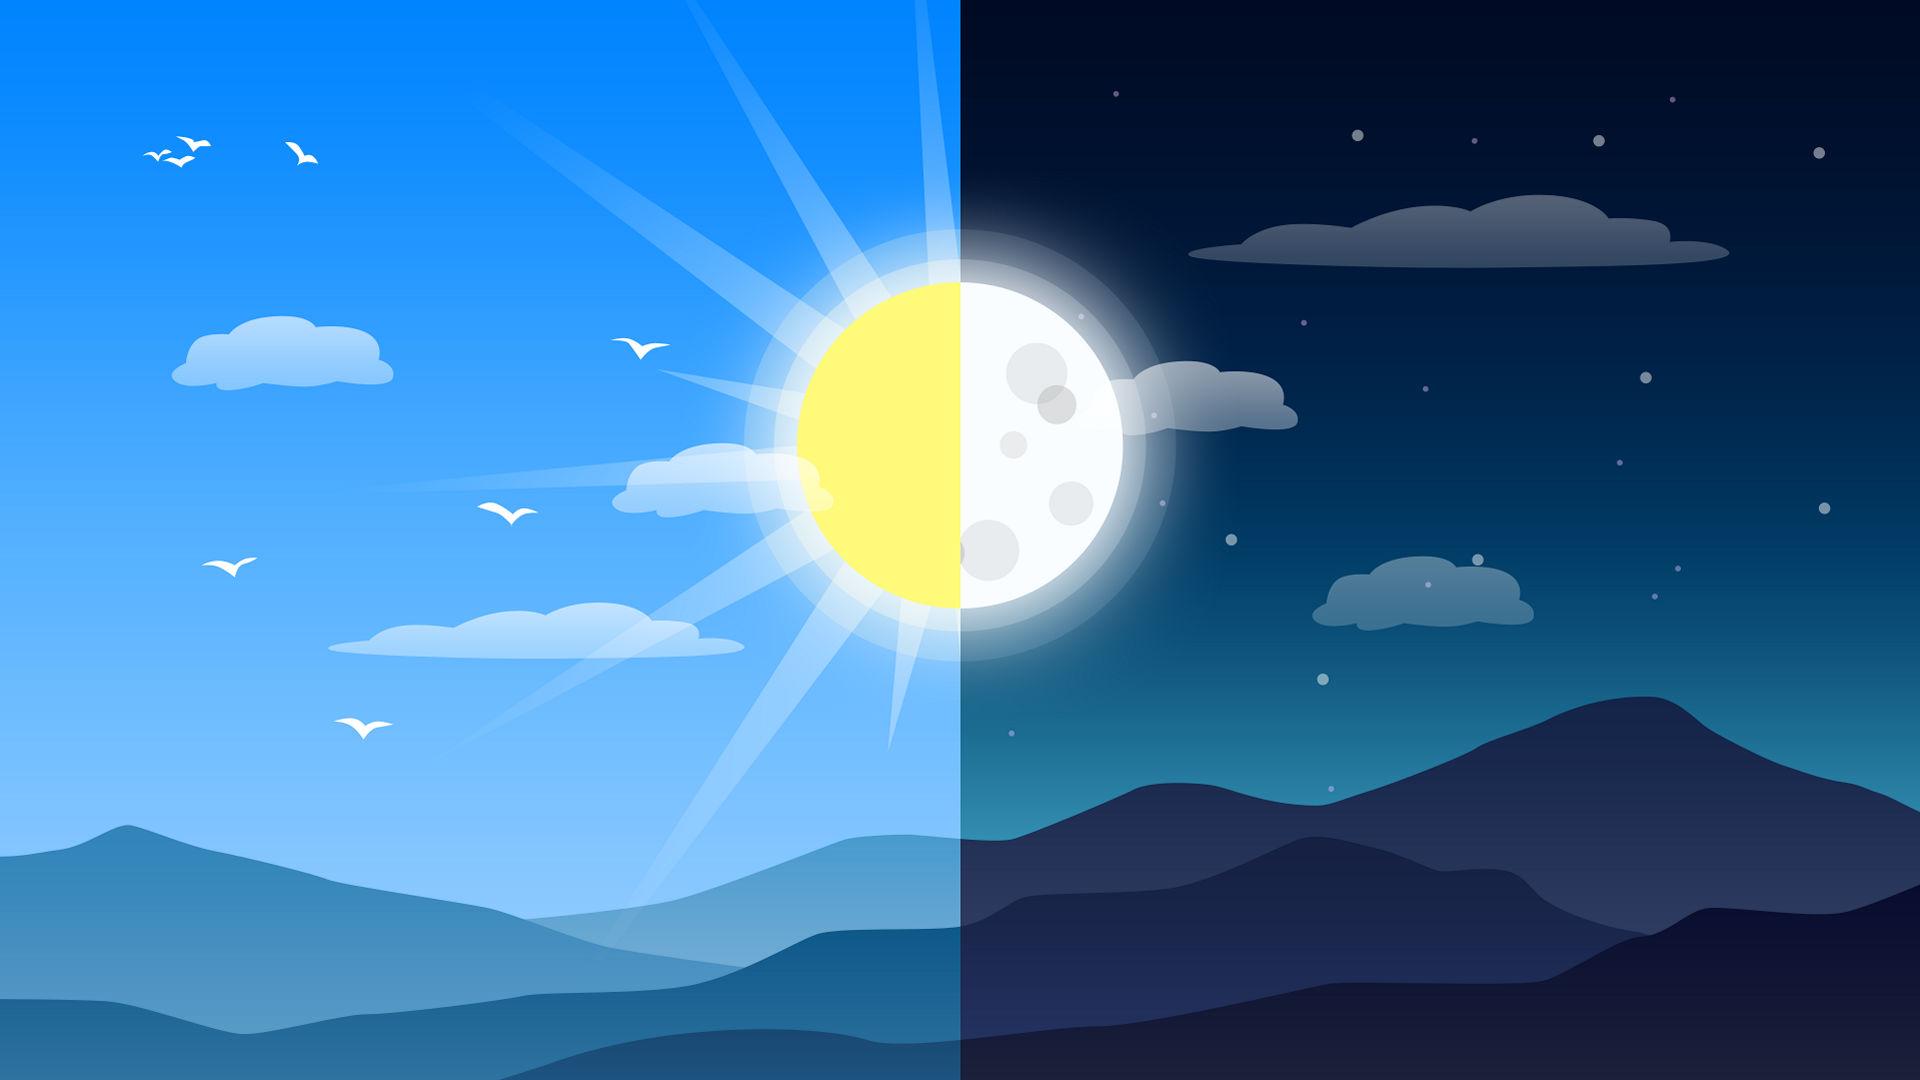 3 월 말 2020 년 : 북부 봄, 남부 가을